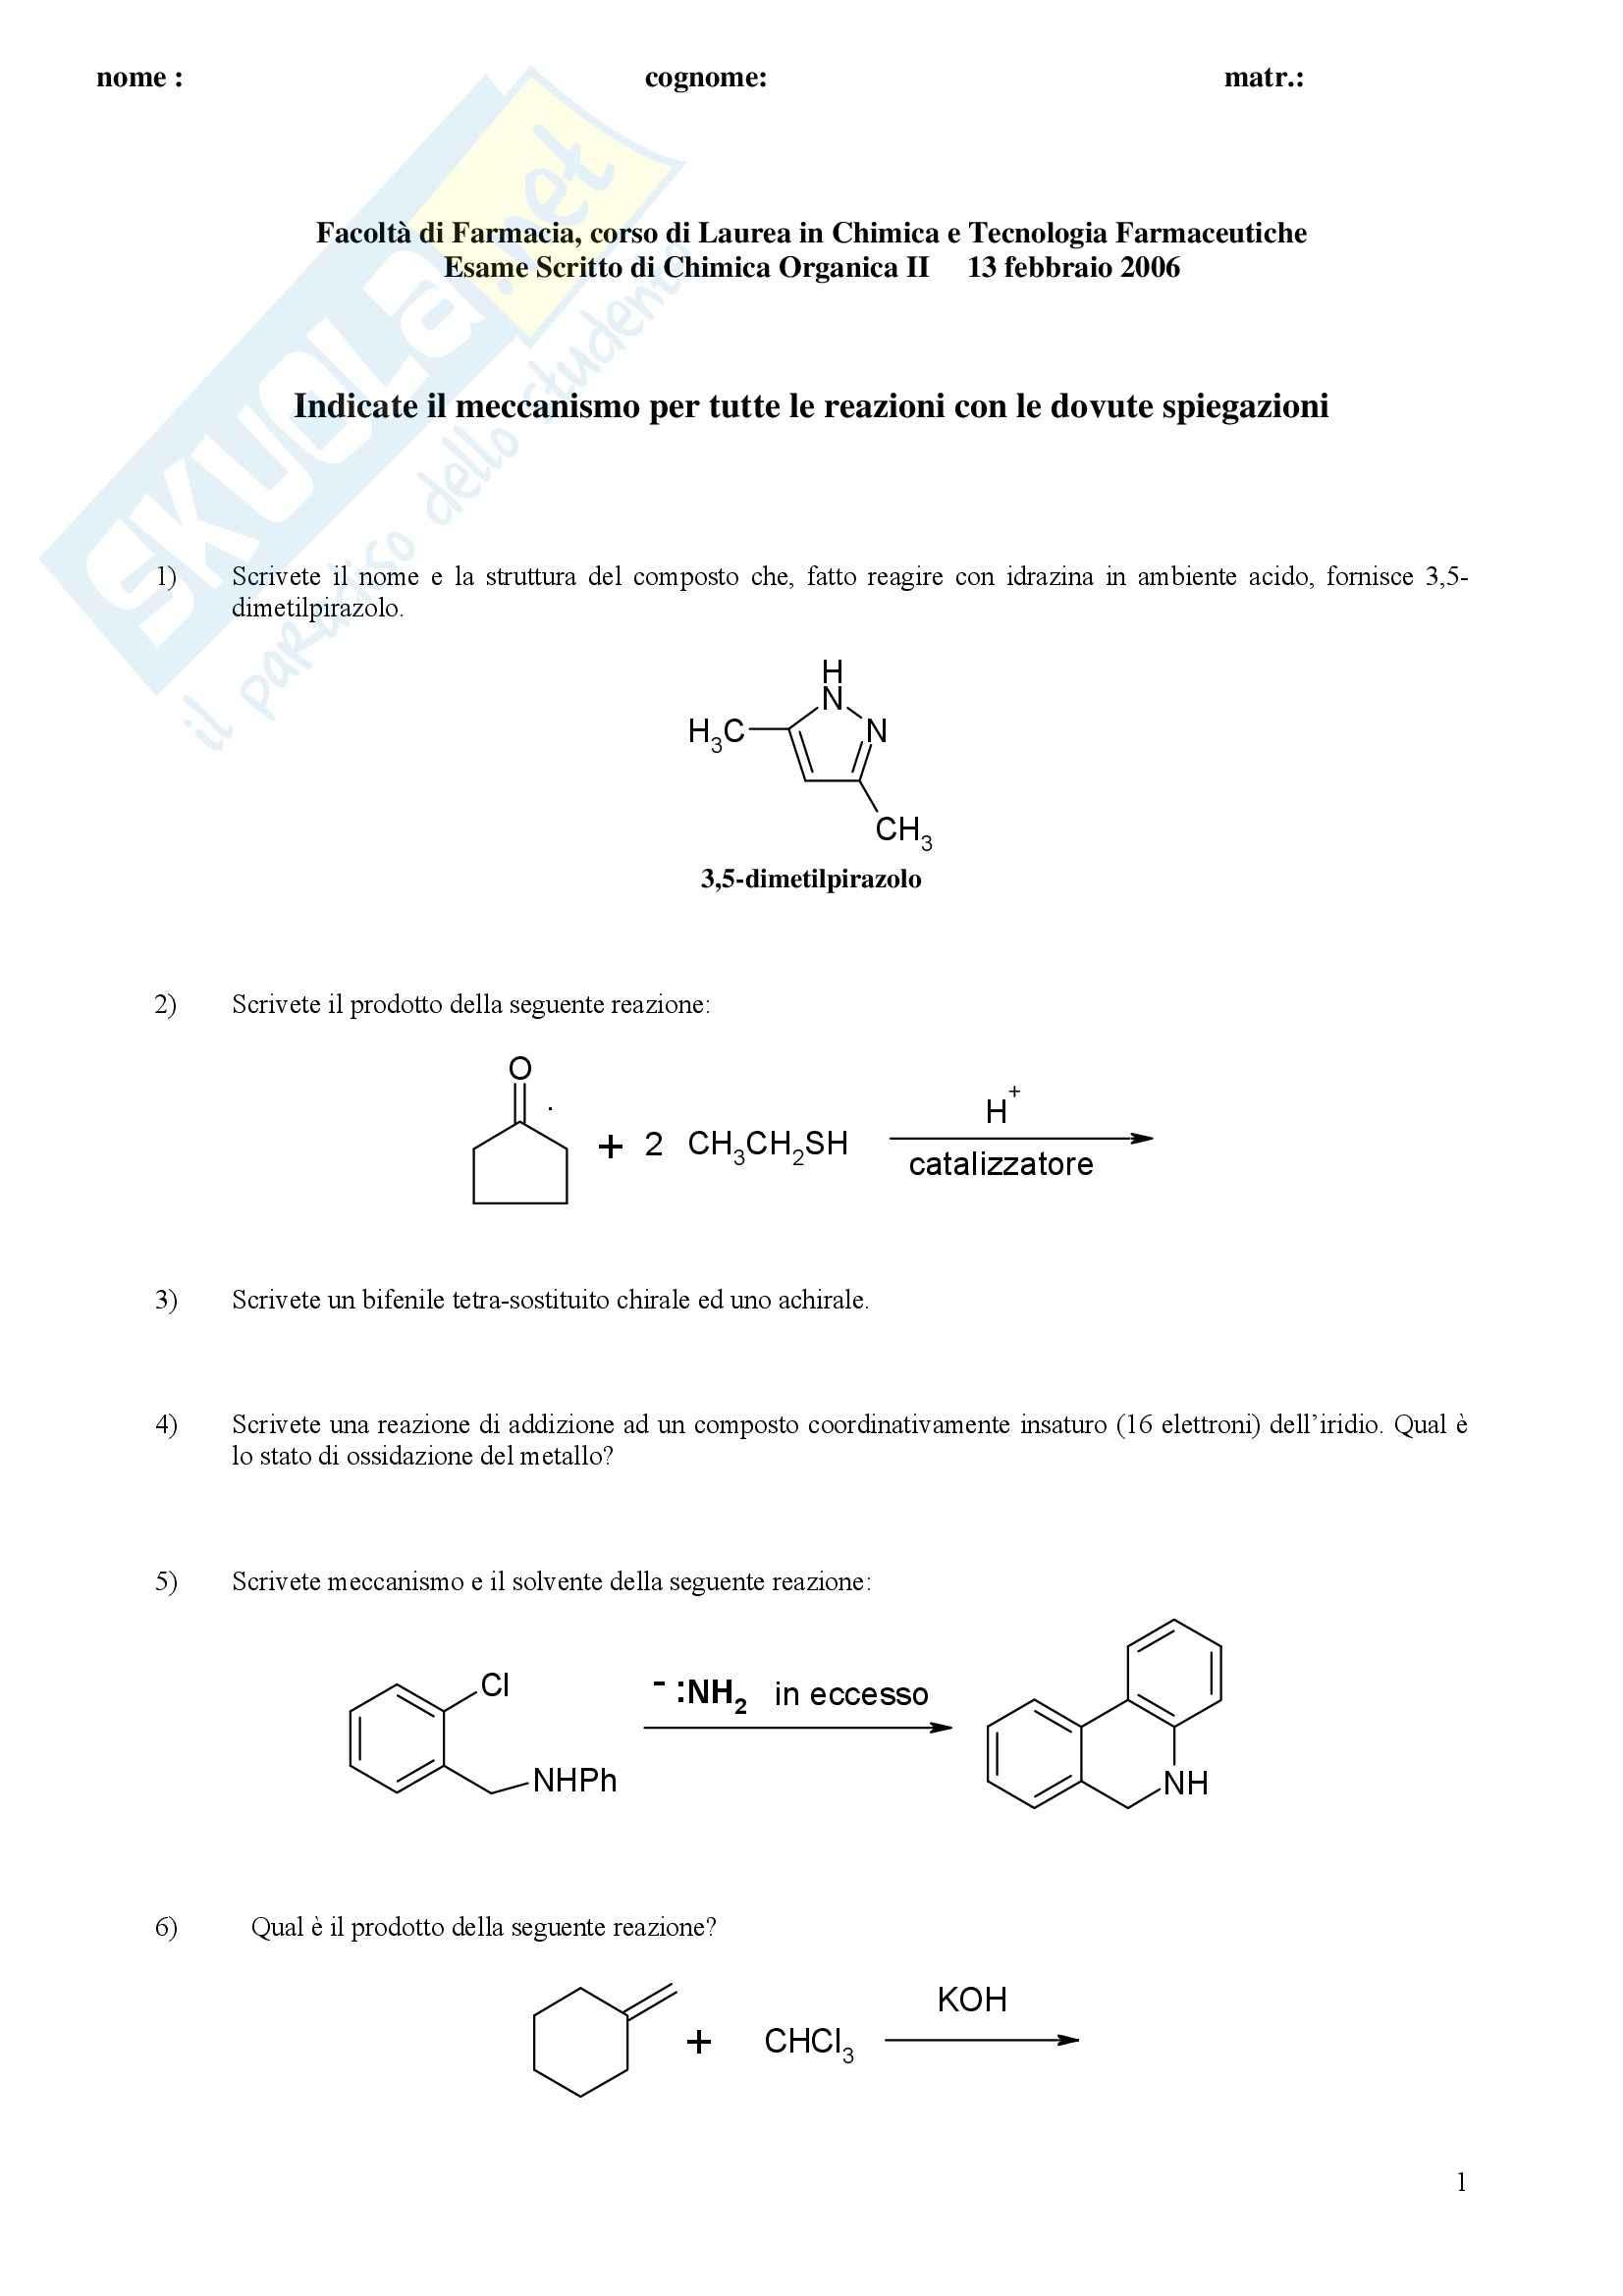 Chimica organica II - Esercizi